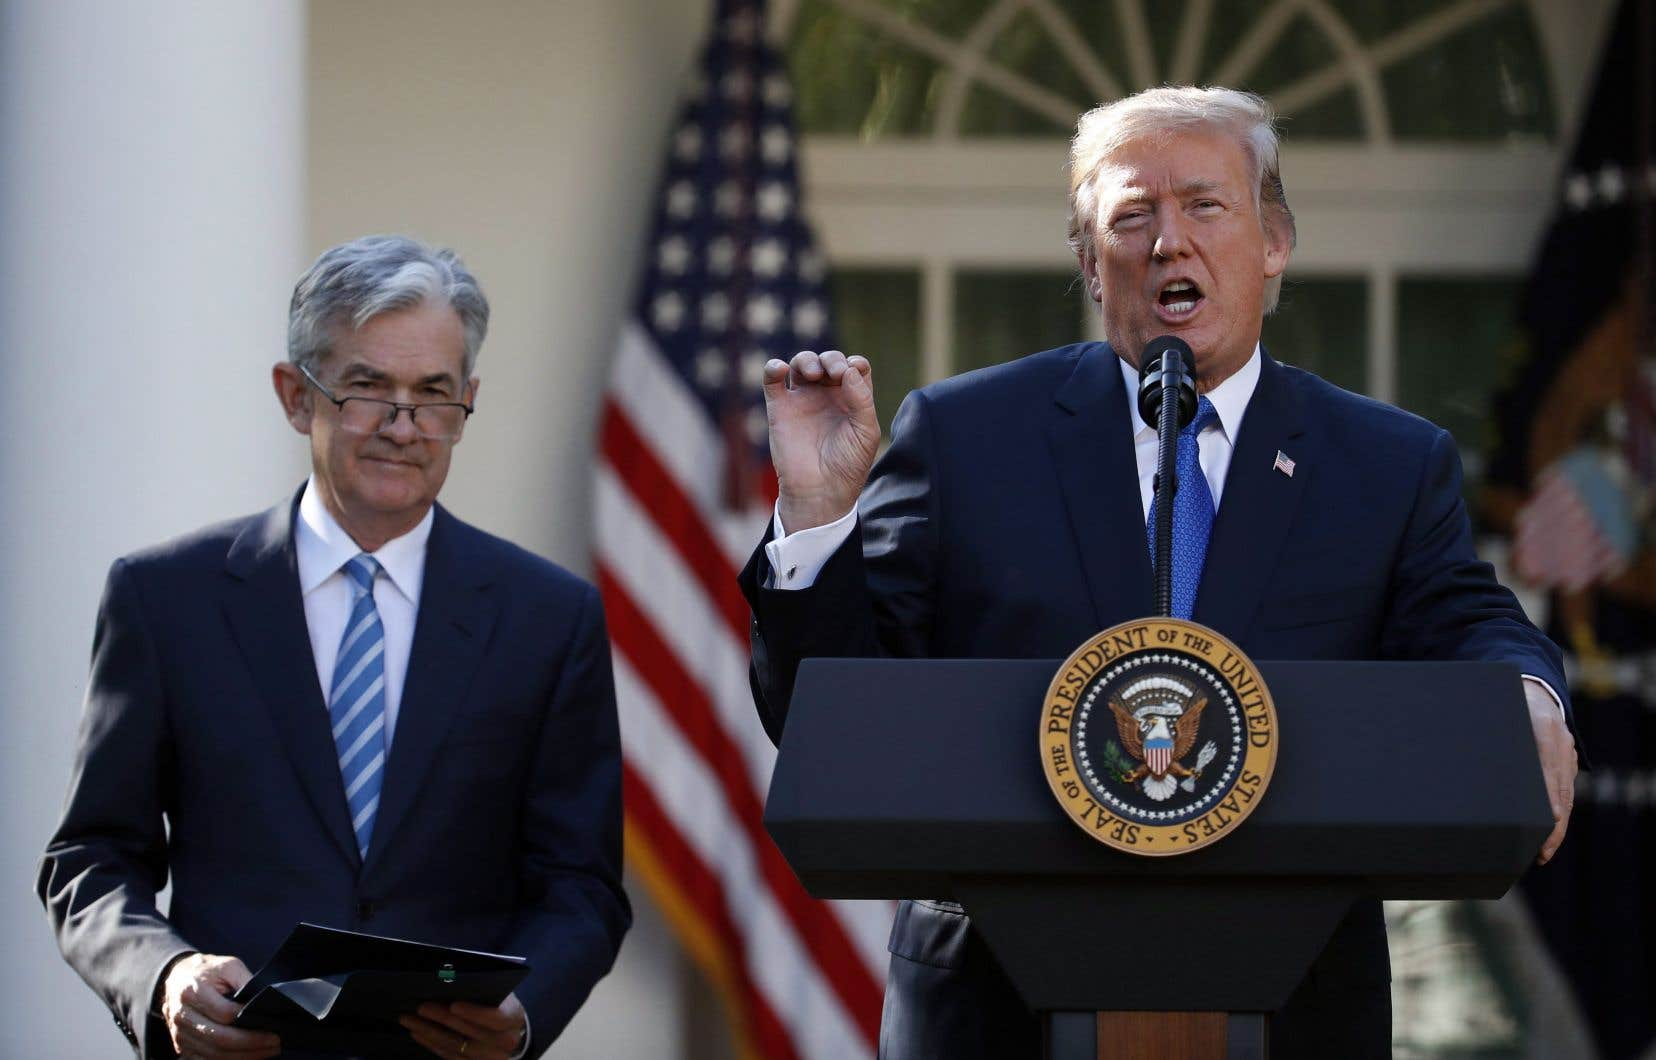 Lorsque comparée à la performance boursière après une première année électorale, celle de Donald Trump a été surpassée à cinq reprises depuis la Deuxième Guerre mondiale, écrivait l'économiste Robert Kavcic.